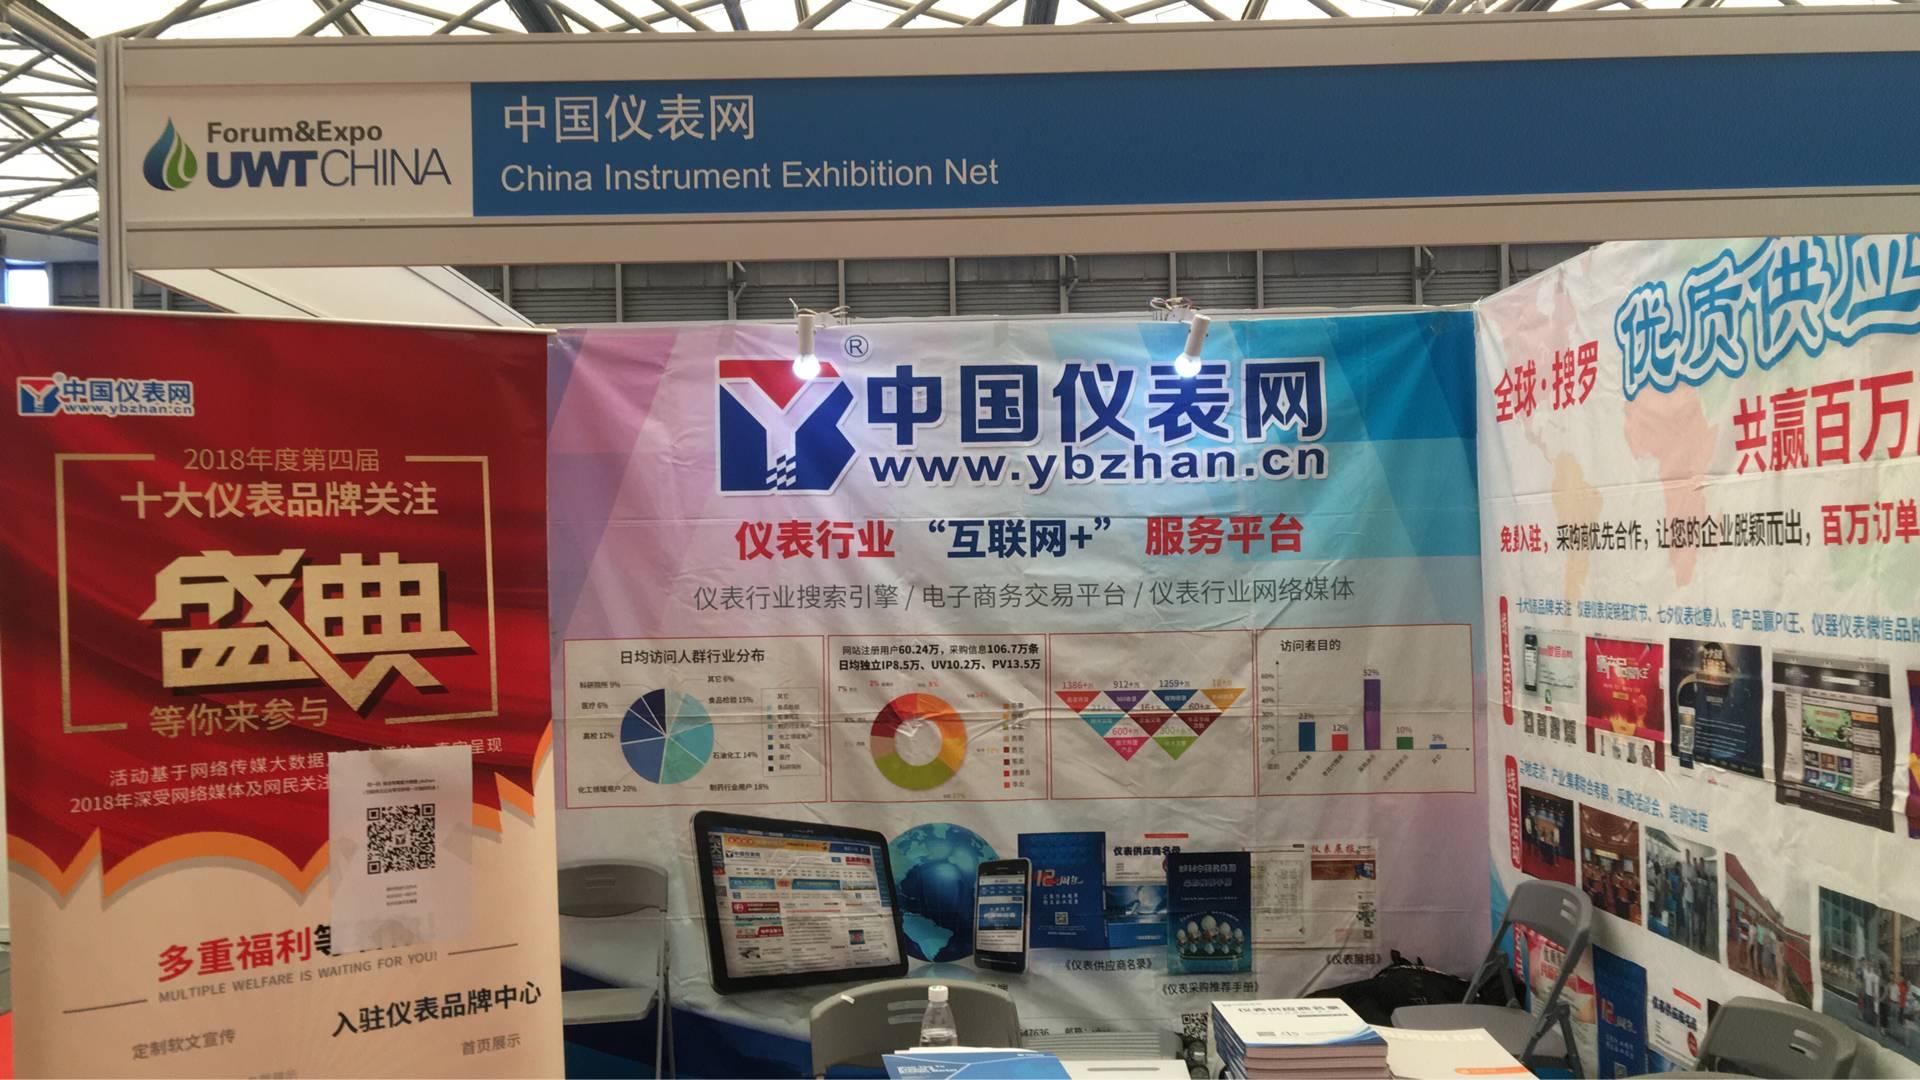 上海国际城镇给排水展开幕 多家企业参展(花絮二)